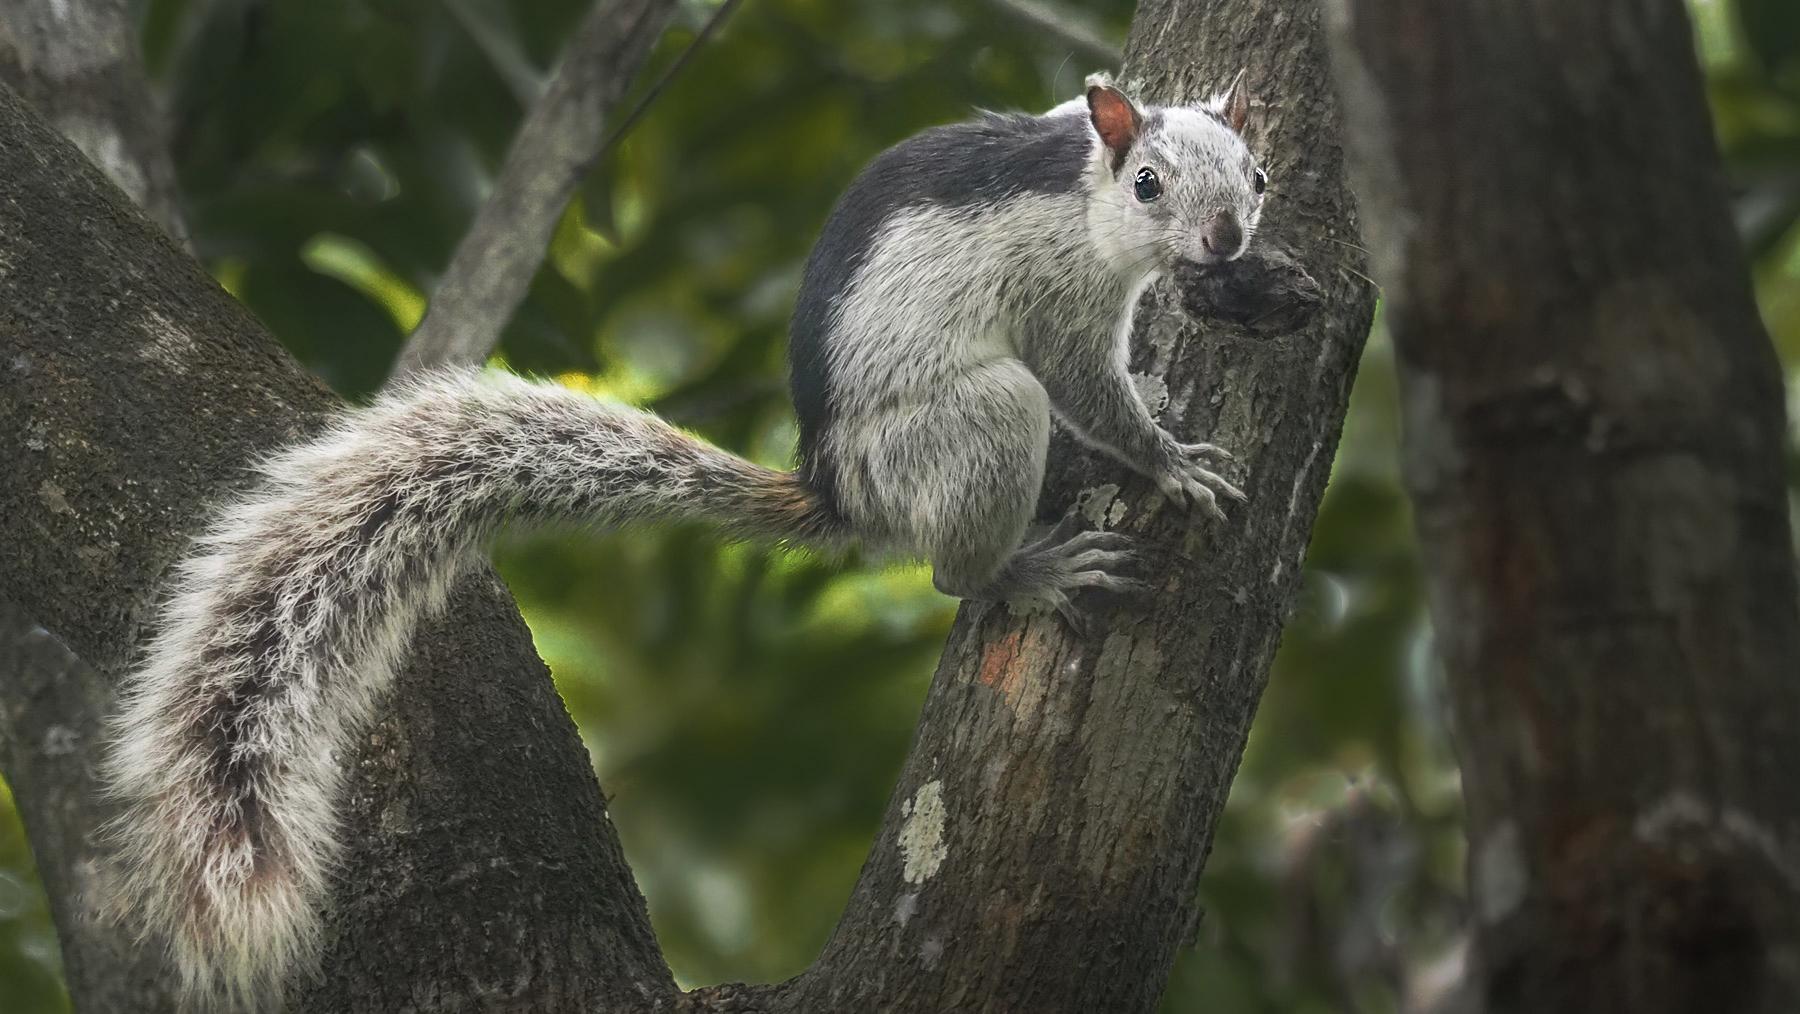 Eichhörnchen sind hier grau, mit einem schwarzen Rückenstreifen